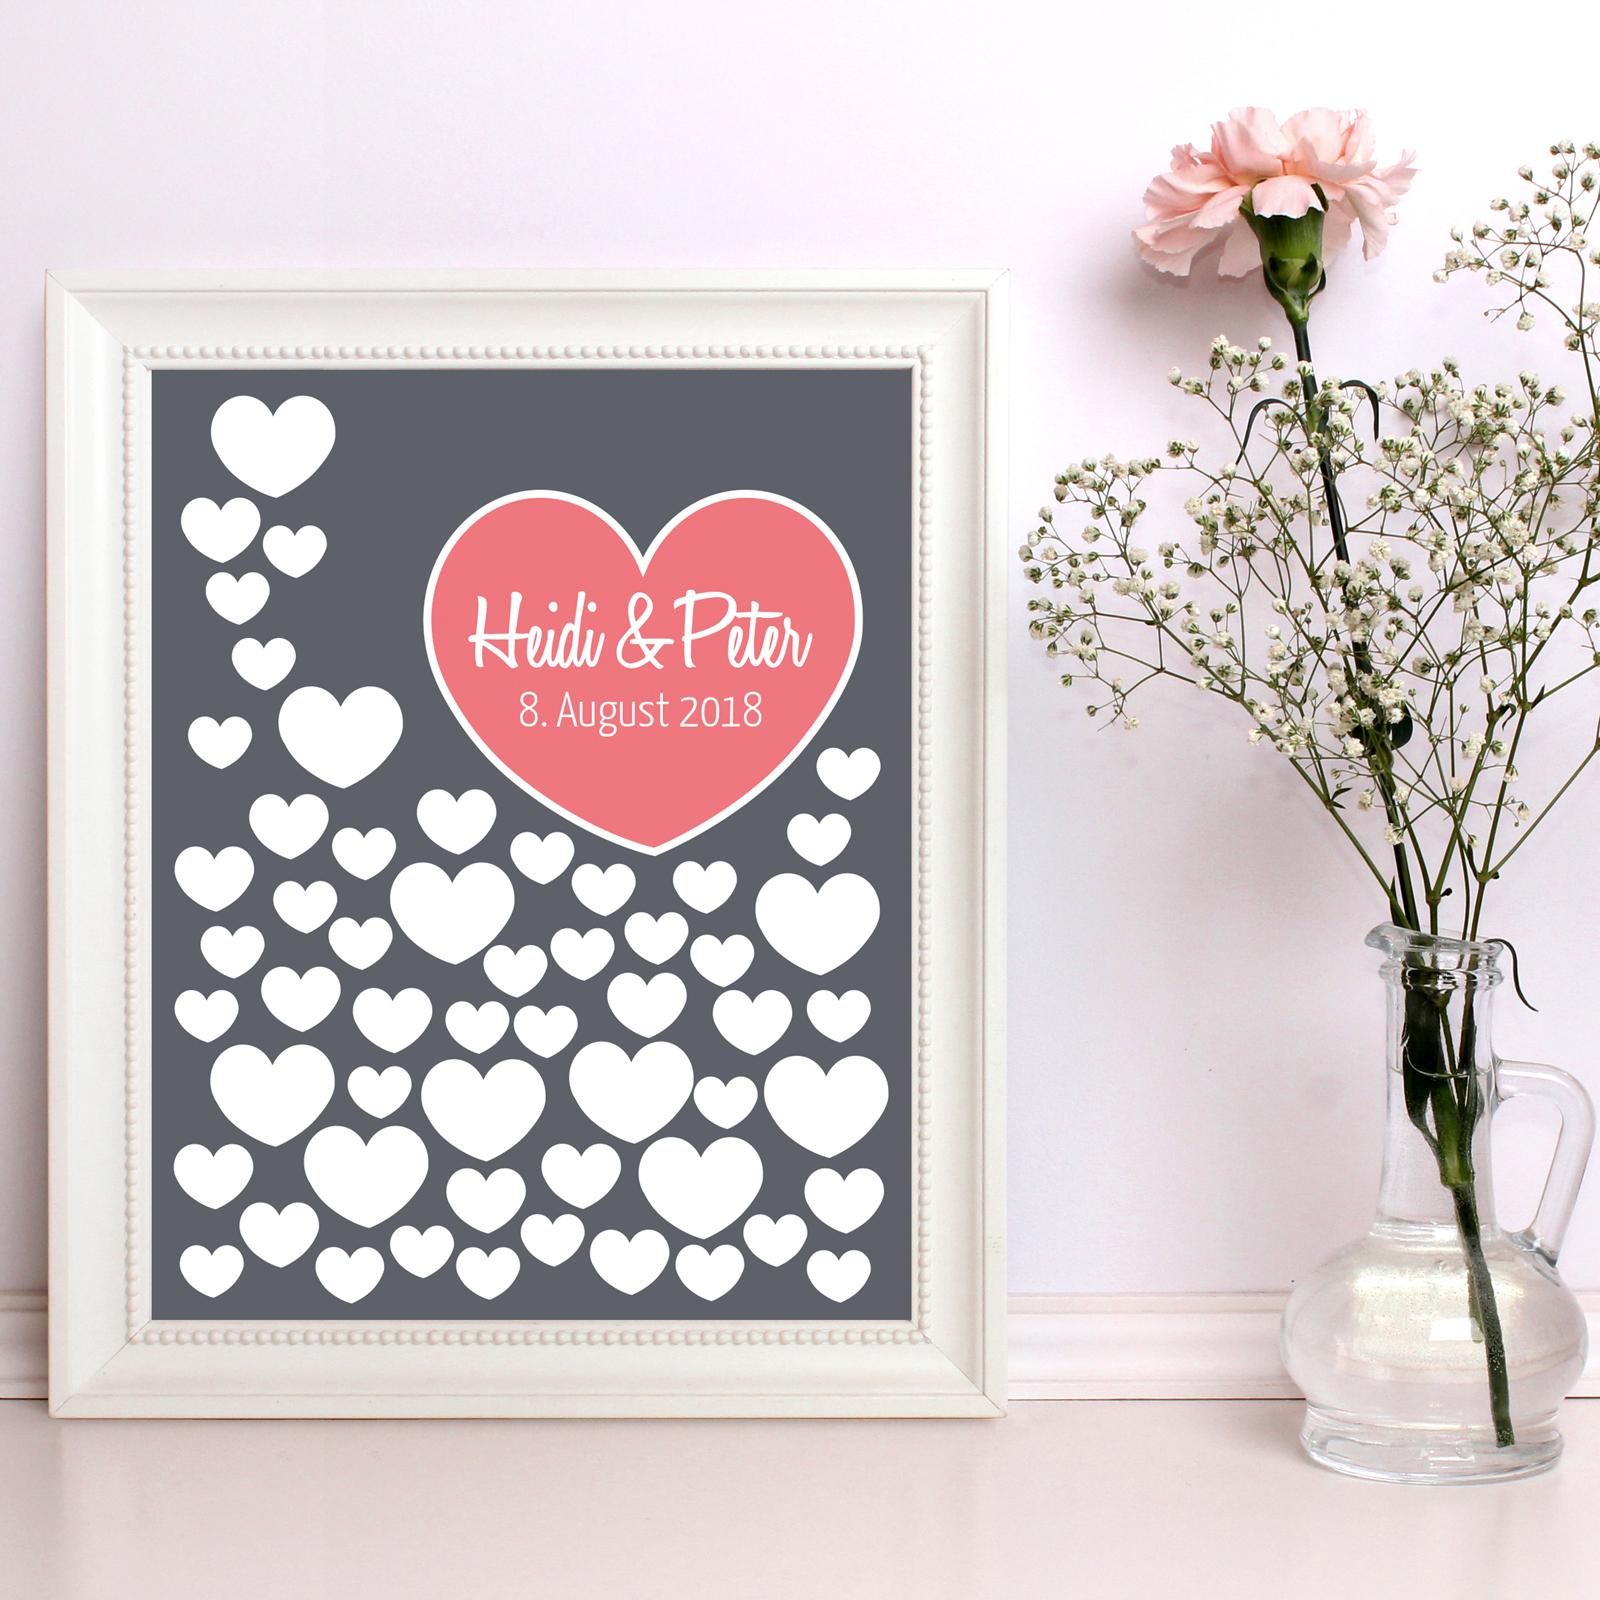 Gästebuch Hochzeit Poster 40x50cm, Graue Herzen zur Unterschrift - personalisiert